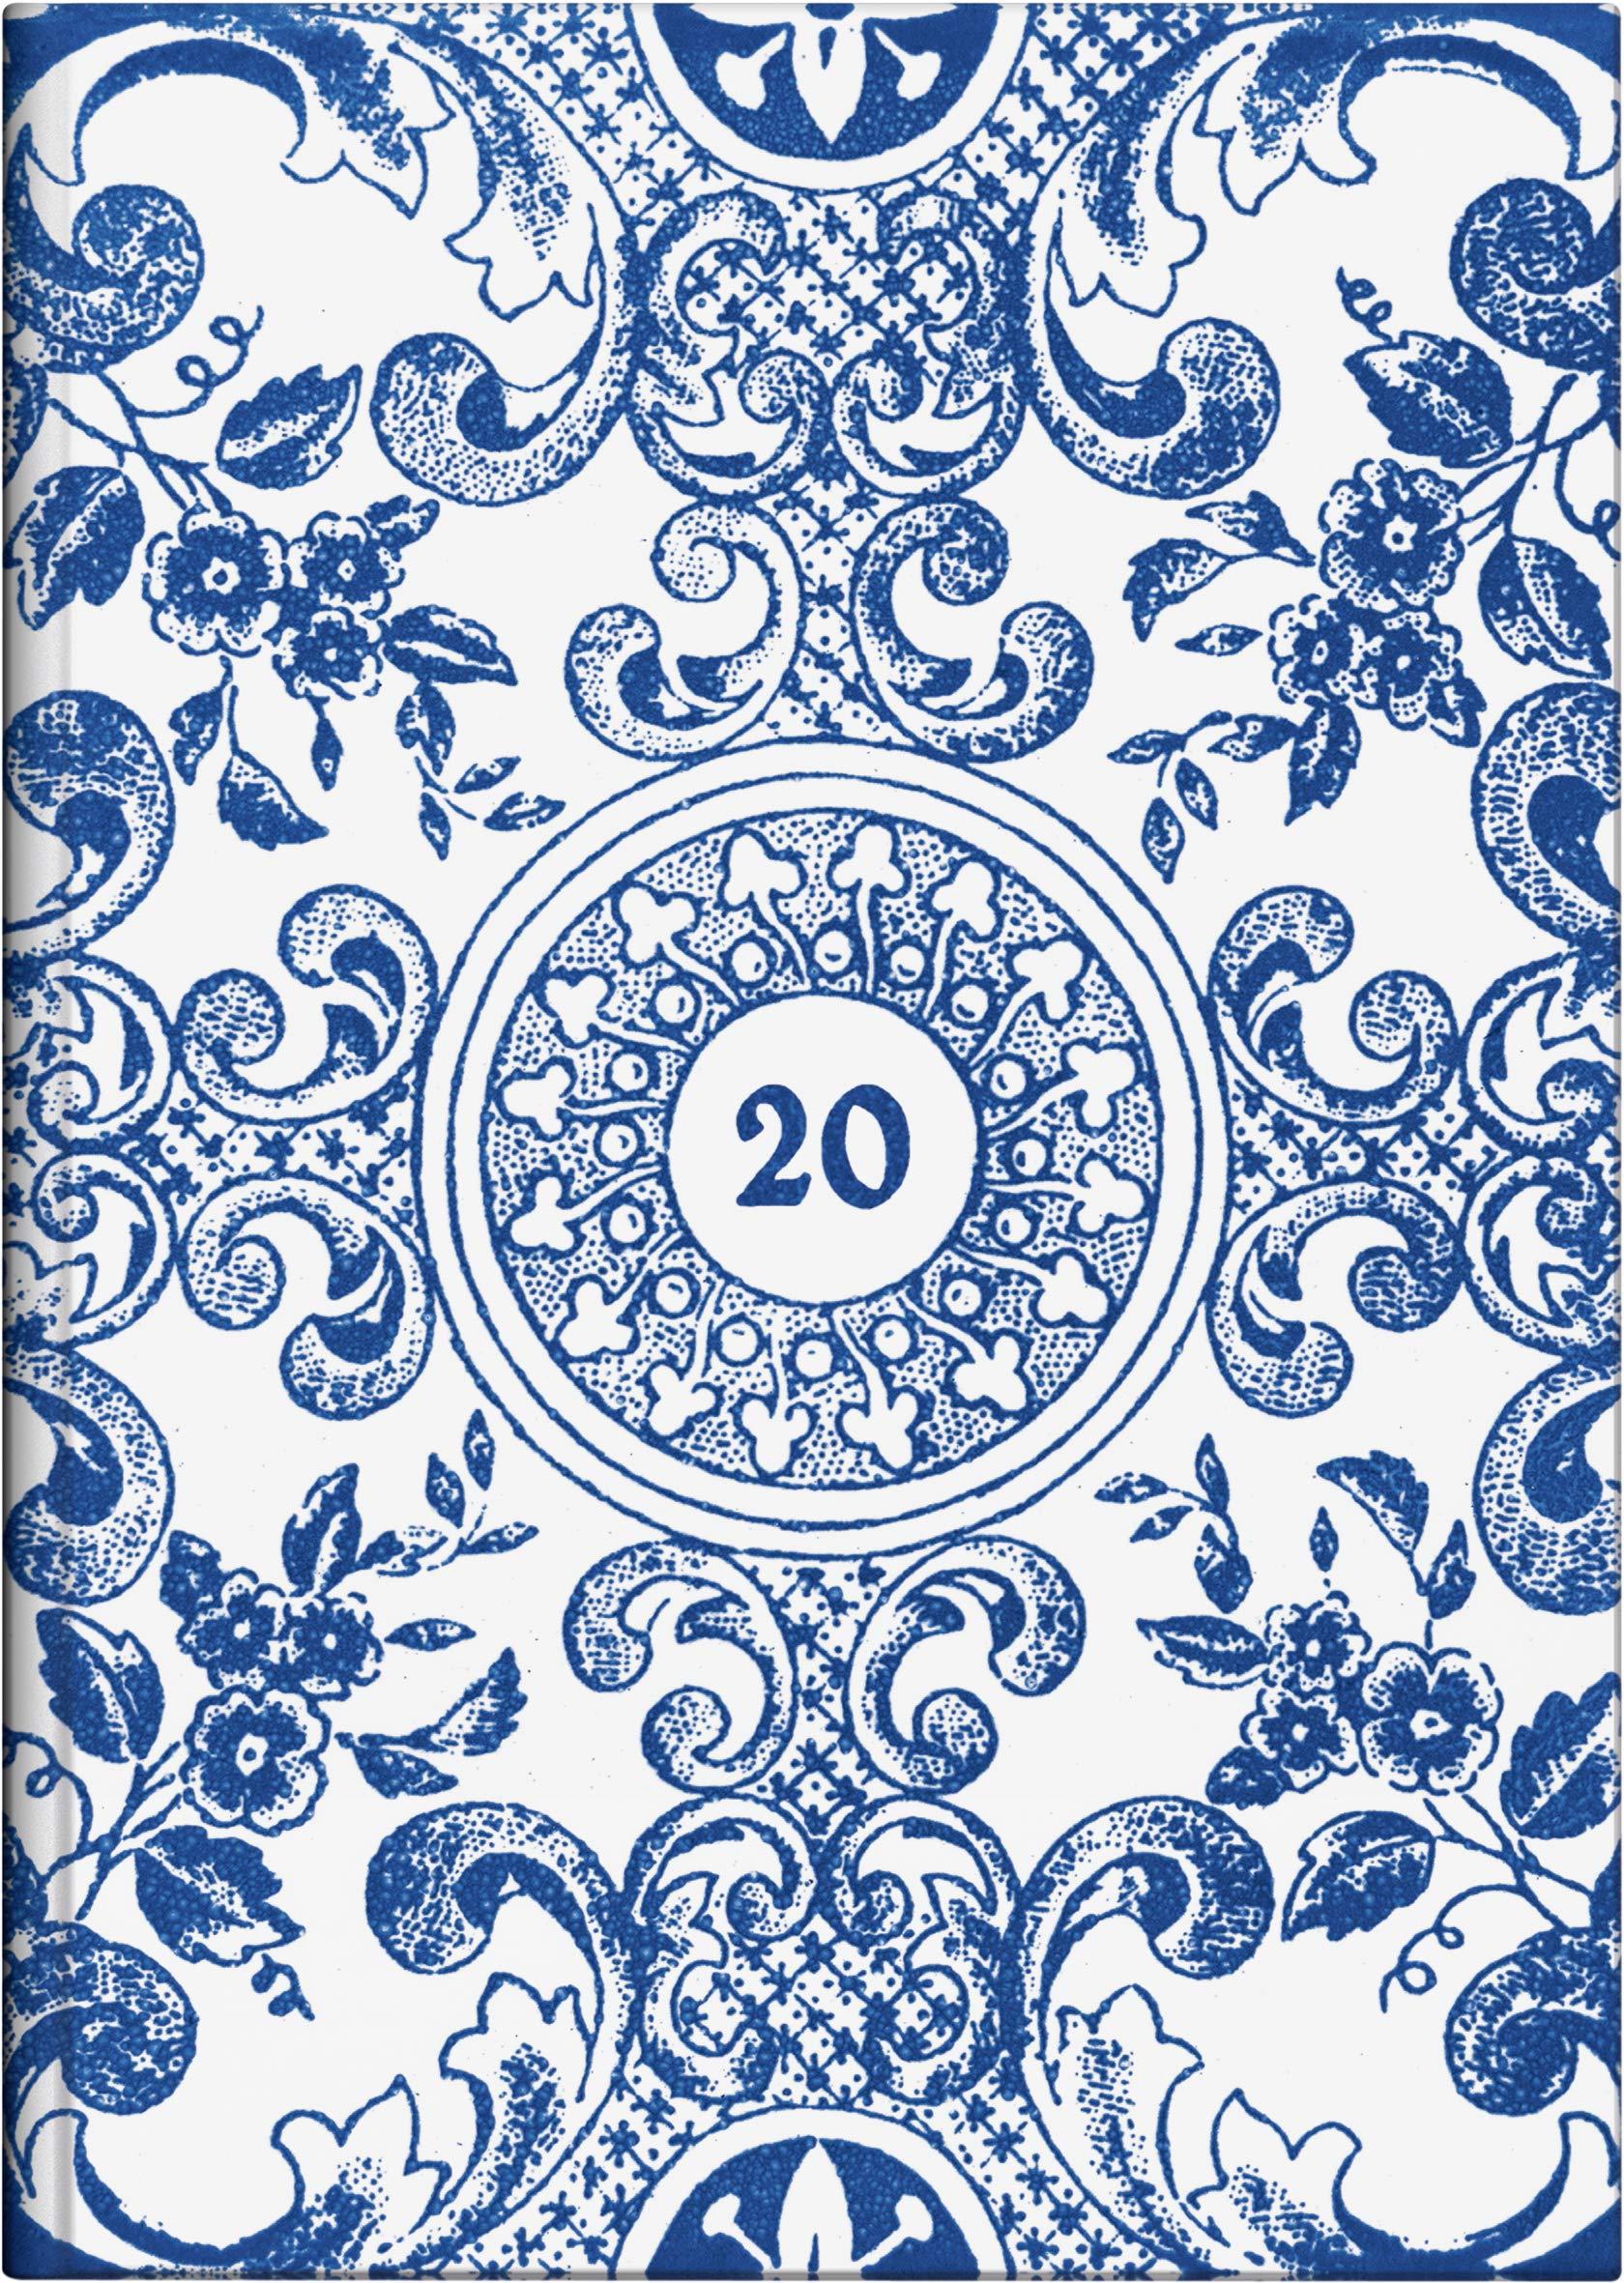 BRUNNEN 107951501 Buchkalender Modell 795  1 Seite = 1 Tag 145 X 206 Cm Grafik Einband Summertime Kalendarium 20200